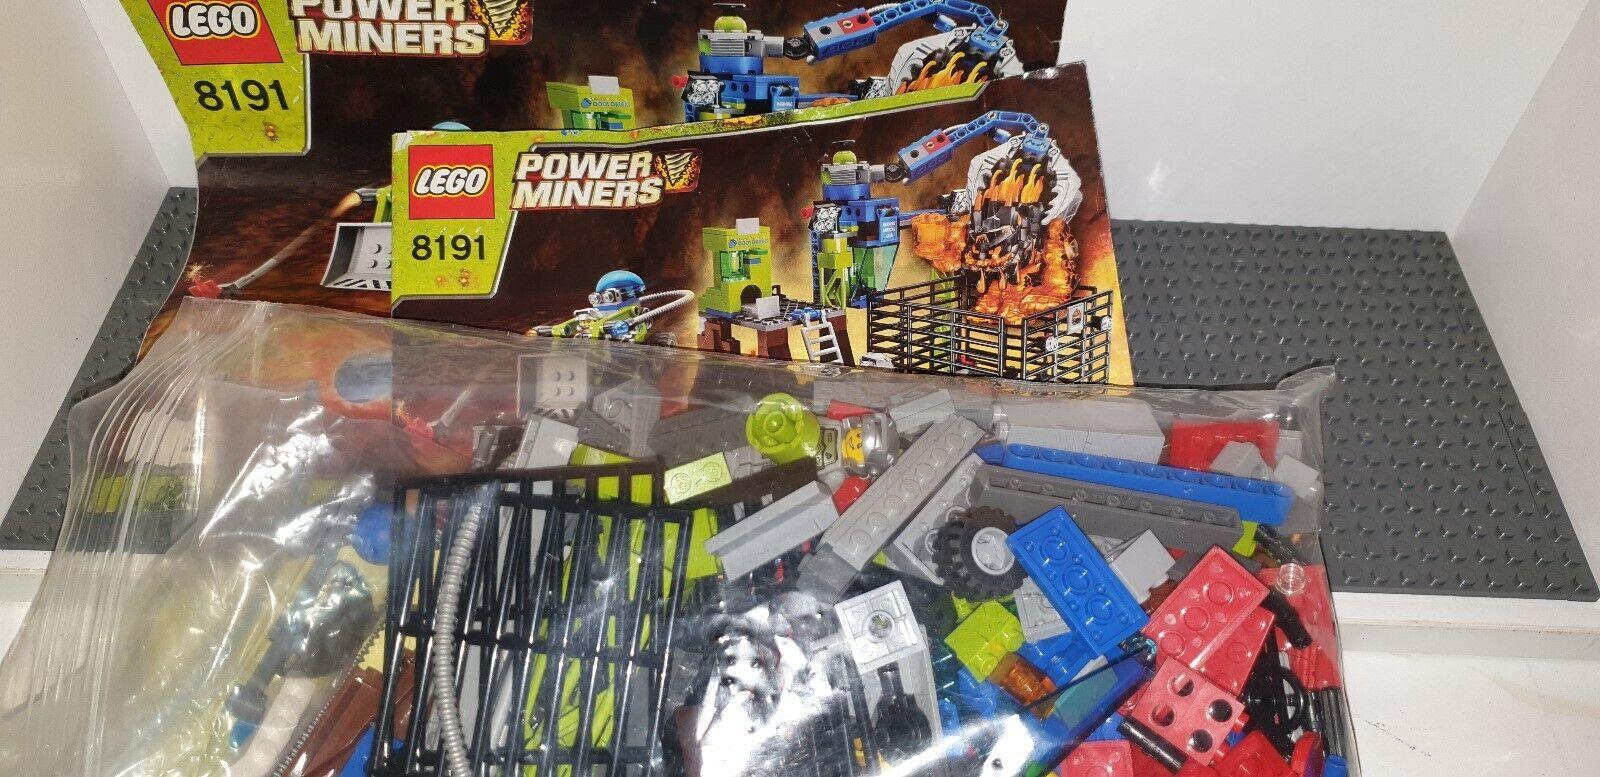 LEGO energia MINERS  Set 8191  acquista la qualità autentica al 100%